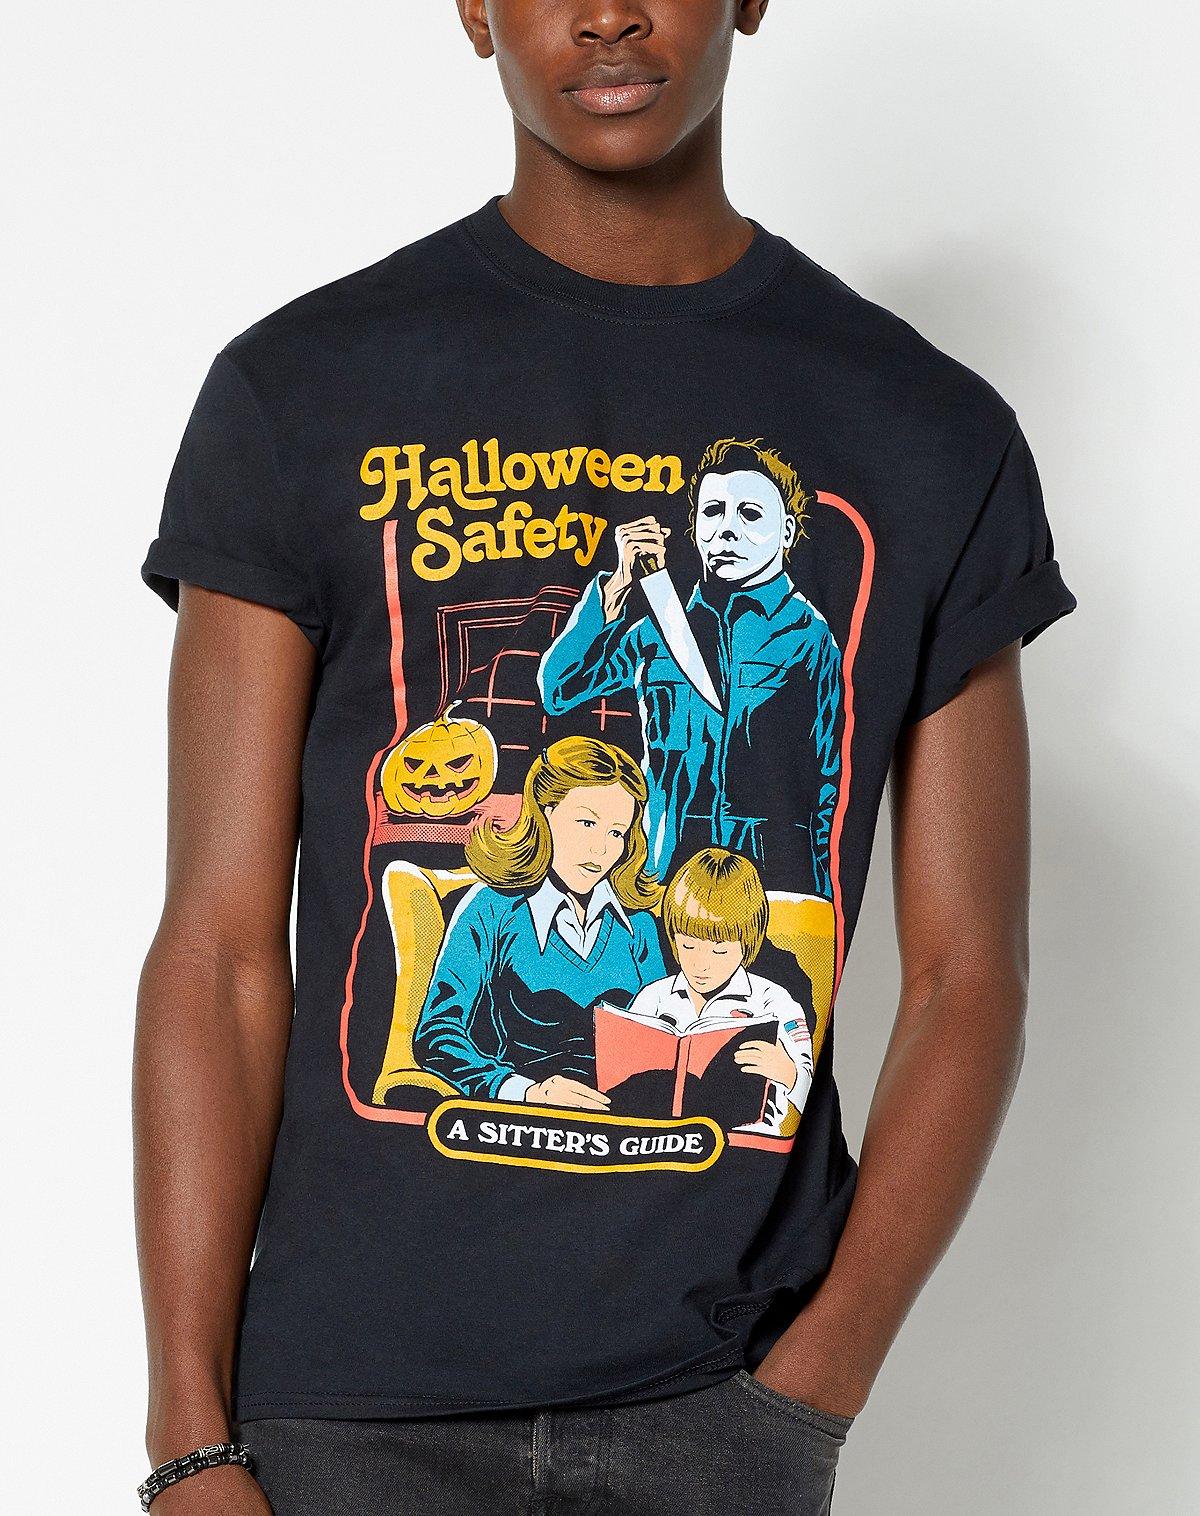 steven rhodes halloween safety t shirt